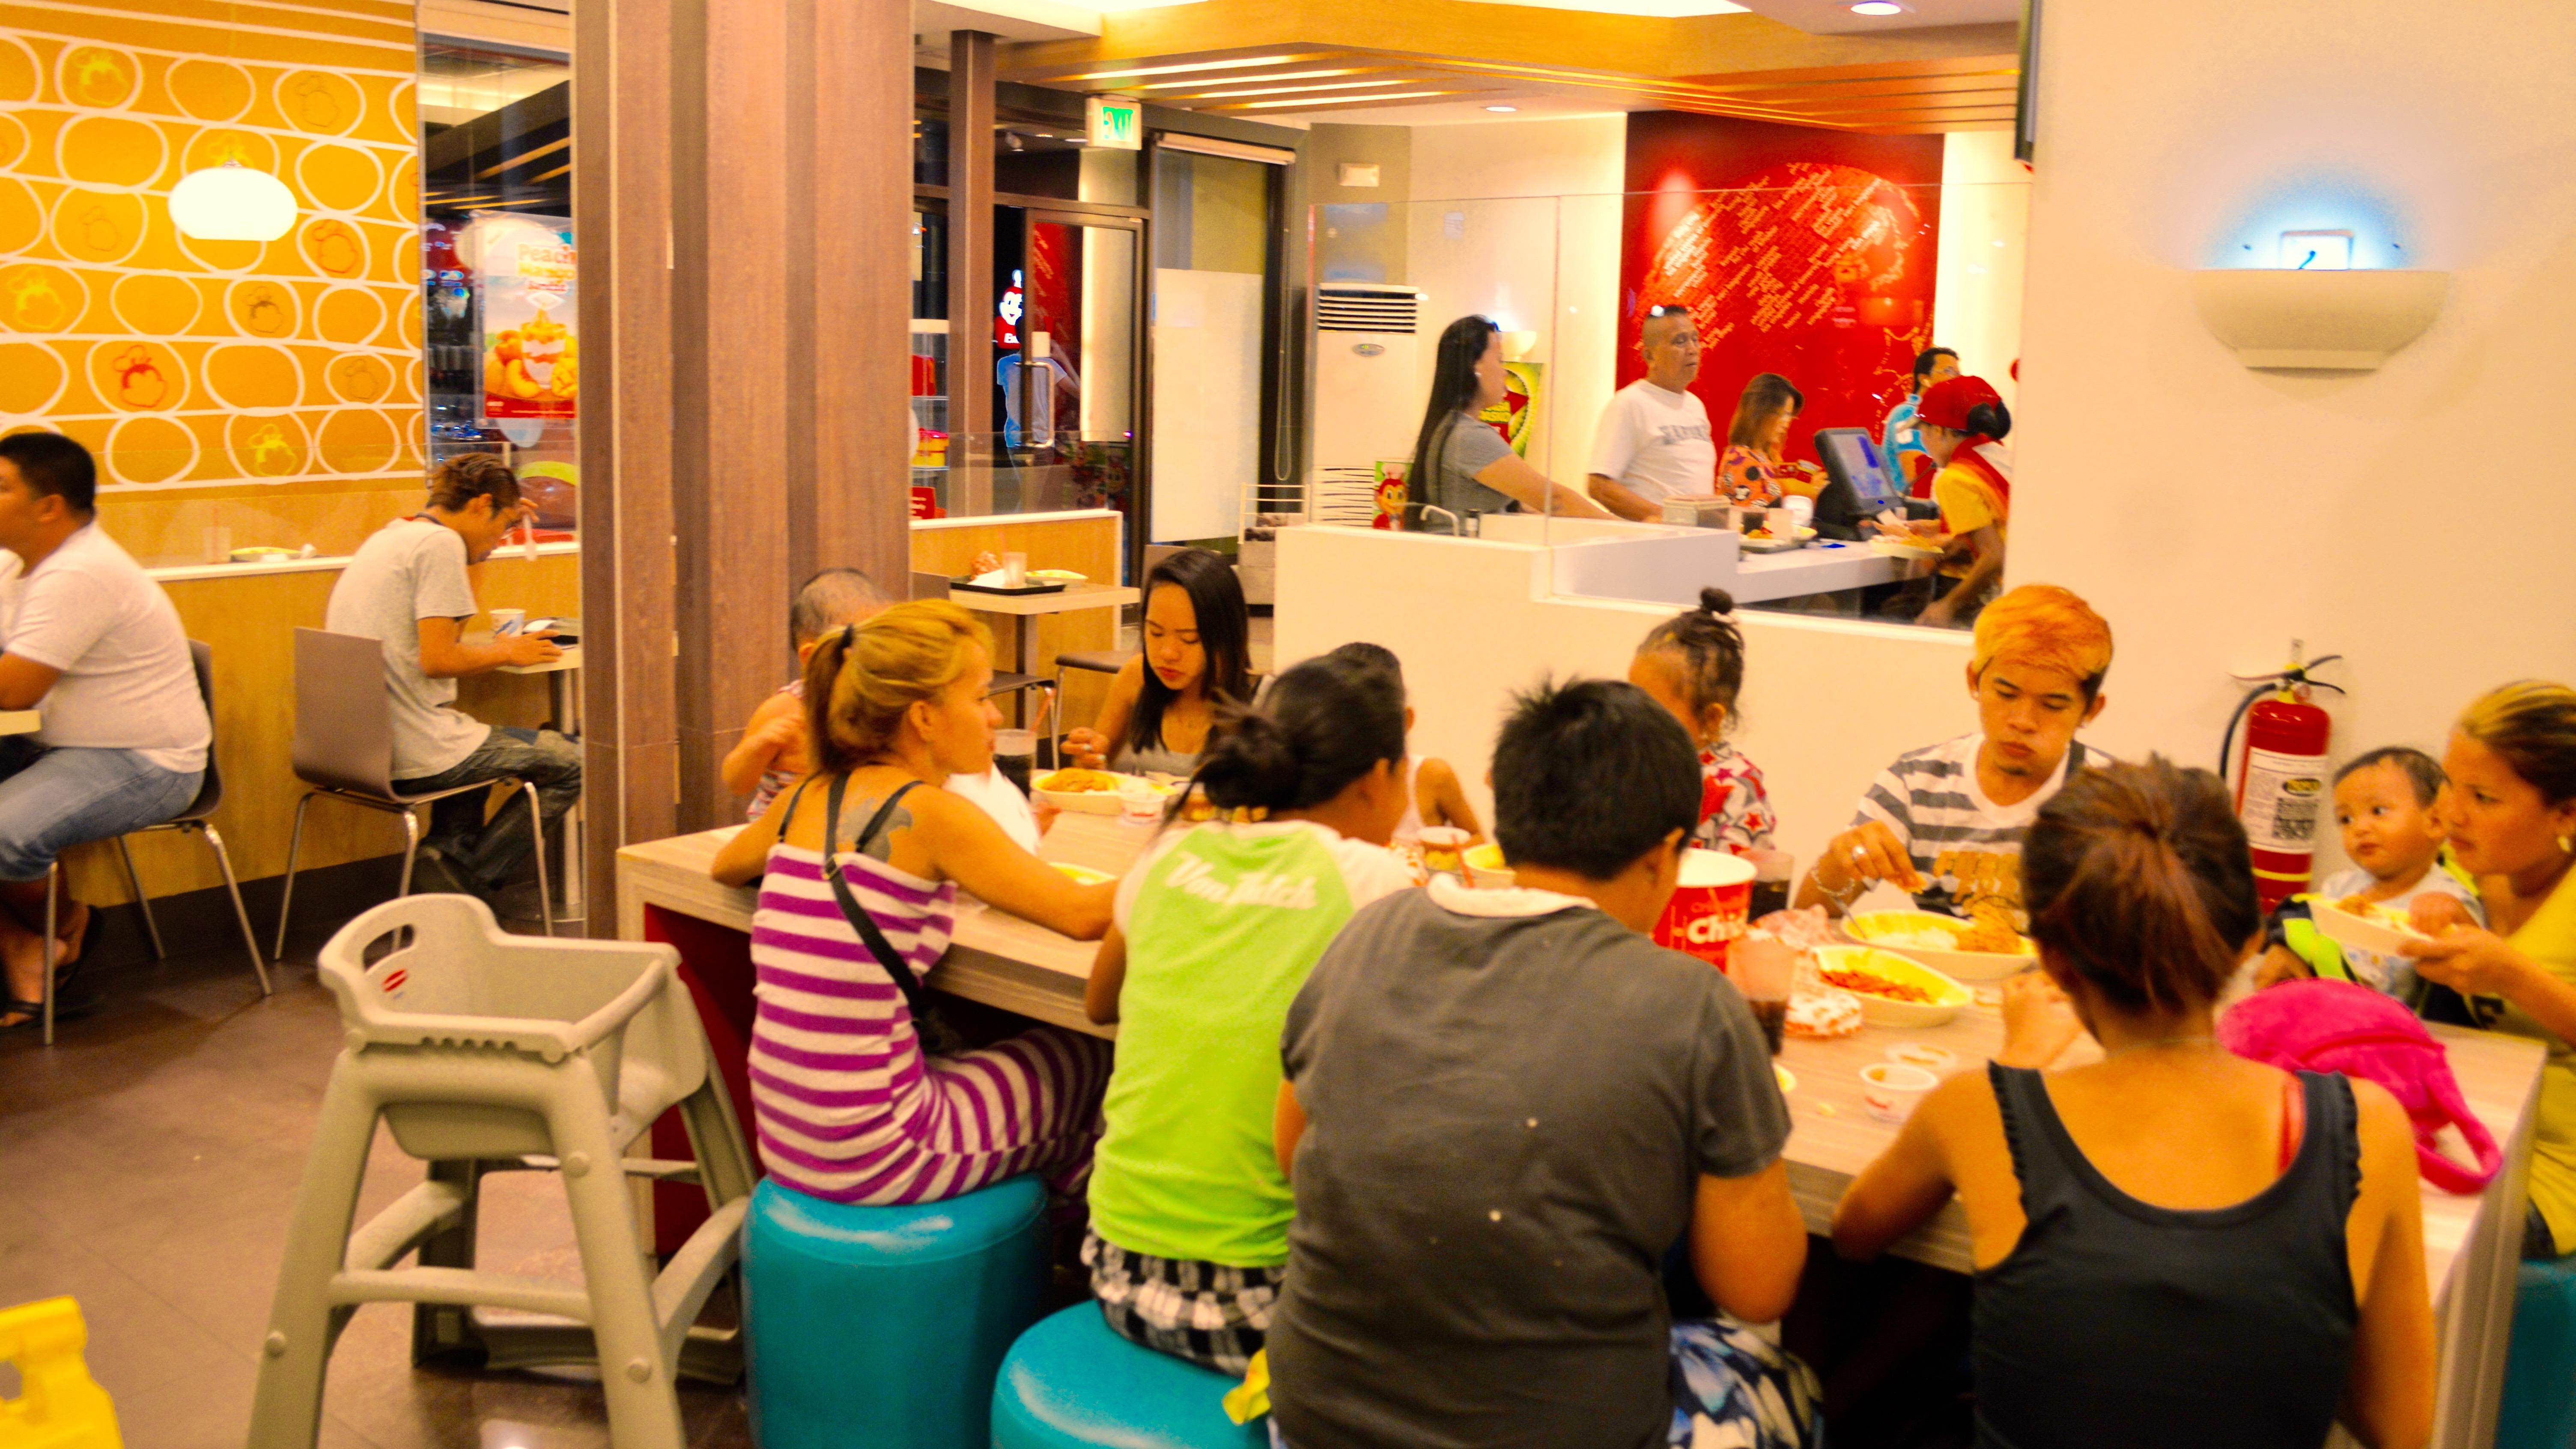 家族・フィリピン・外食・ジョリビー・安い